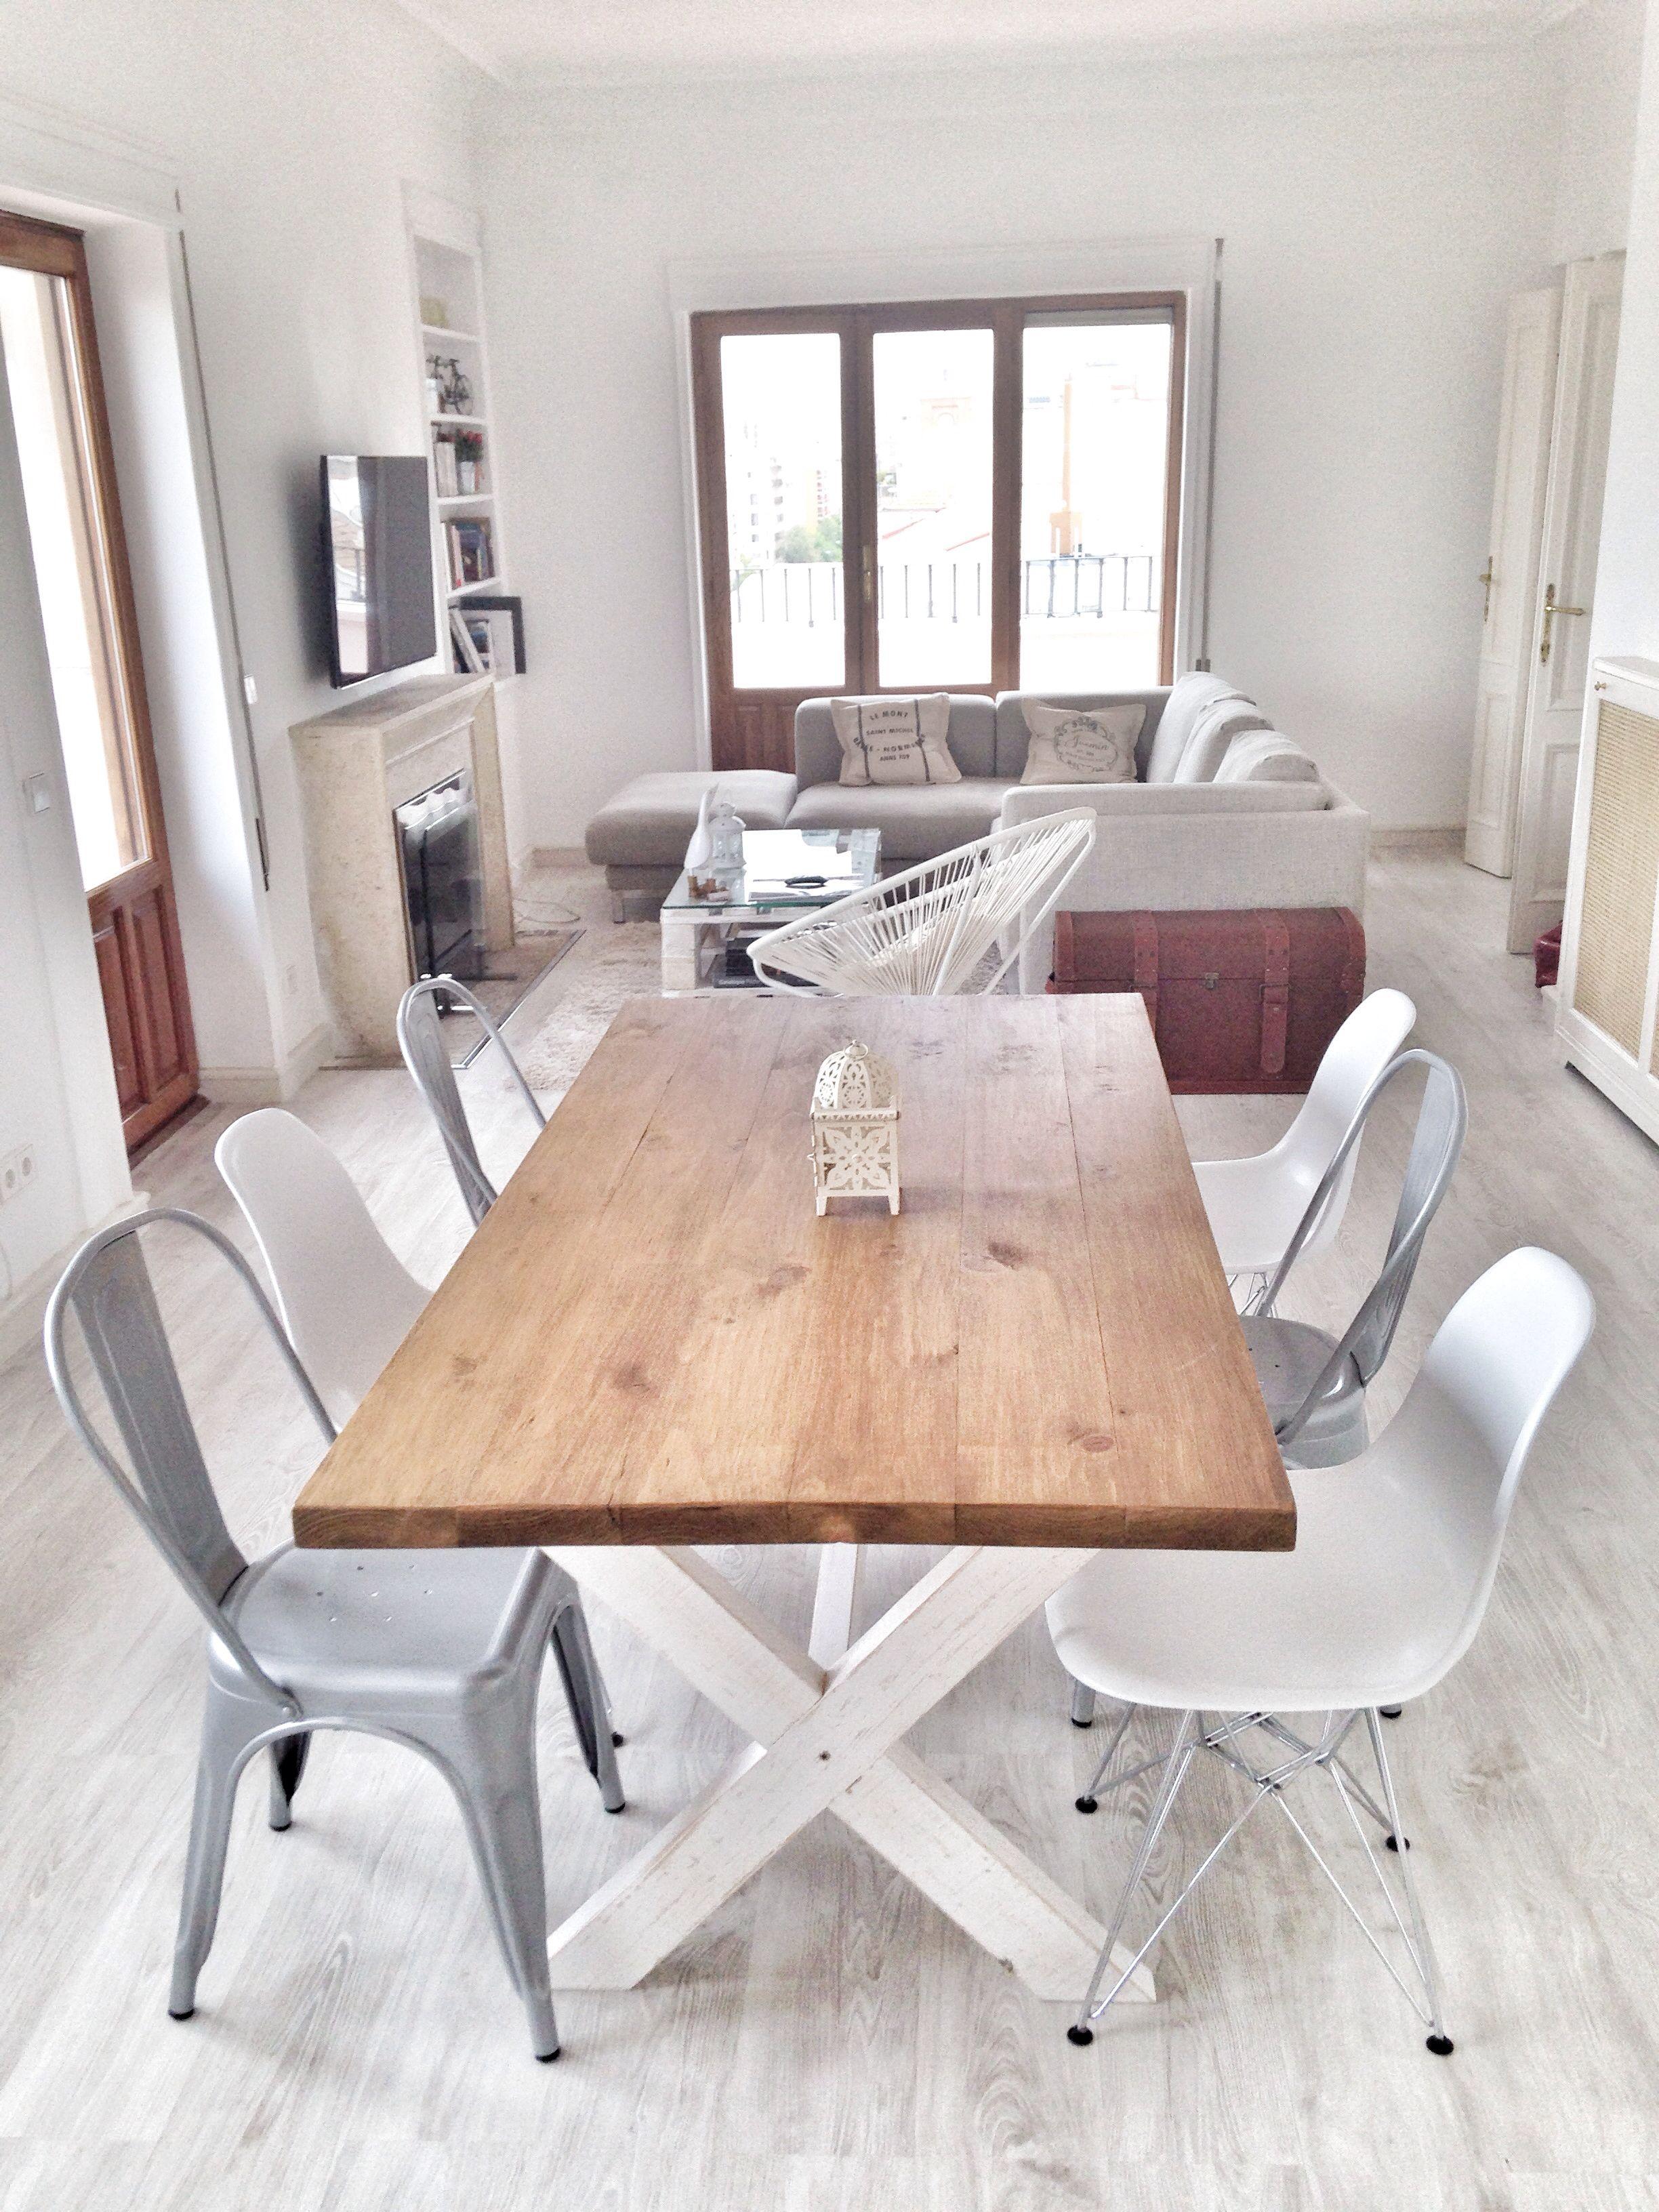 Salon estilo escandinavo blanco | Montecarmelo | Pinterest | Salón ...